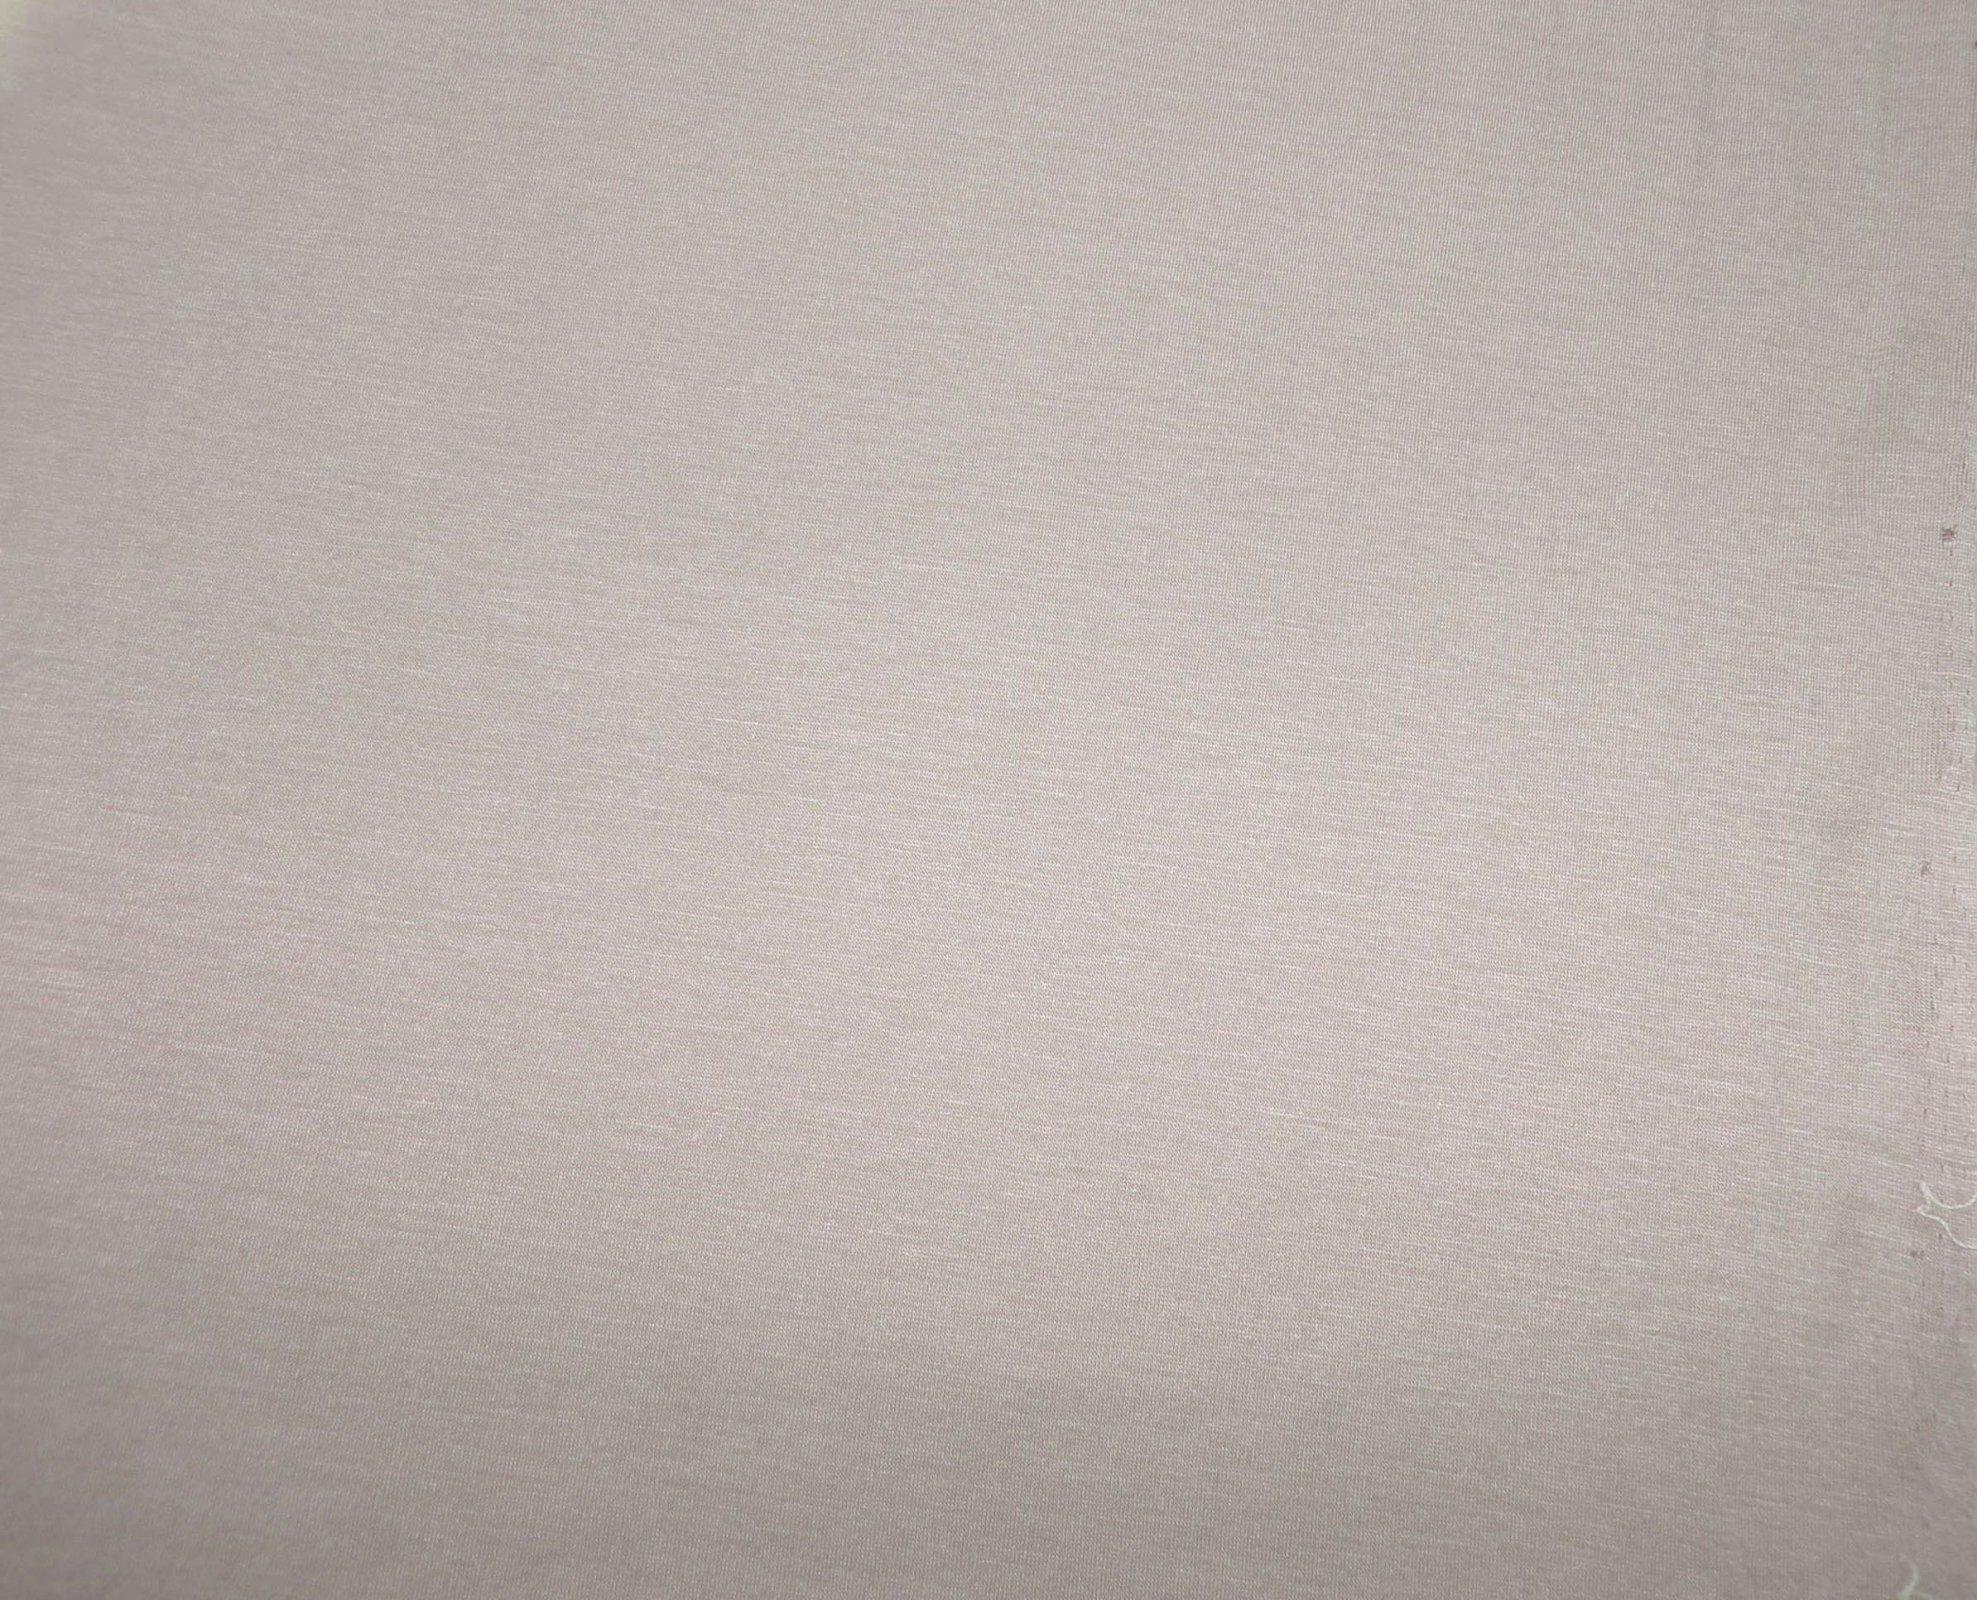 Rayon Cotton Jersey - Grayish Purple